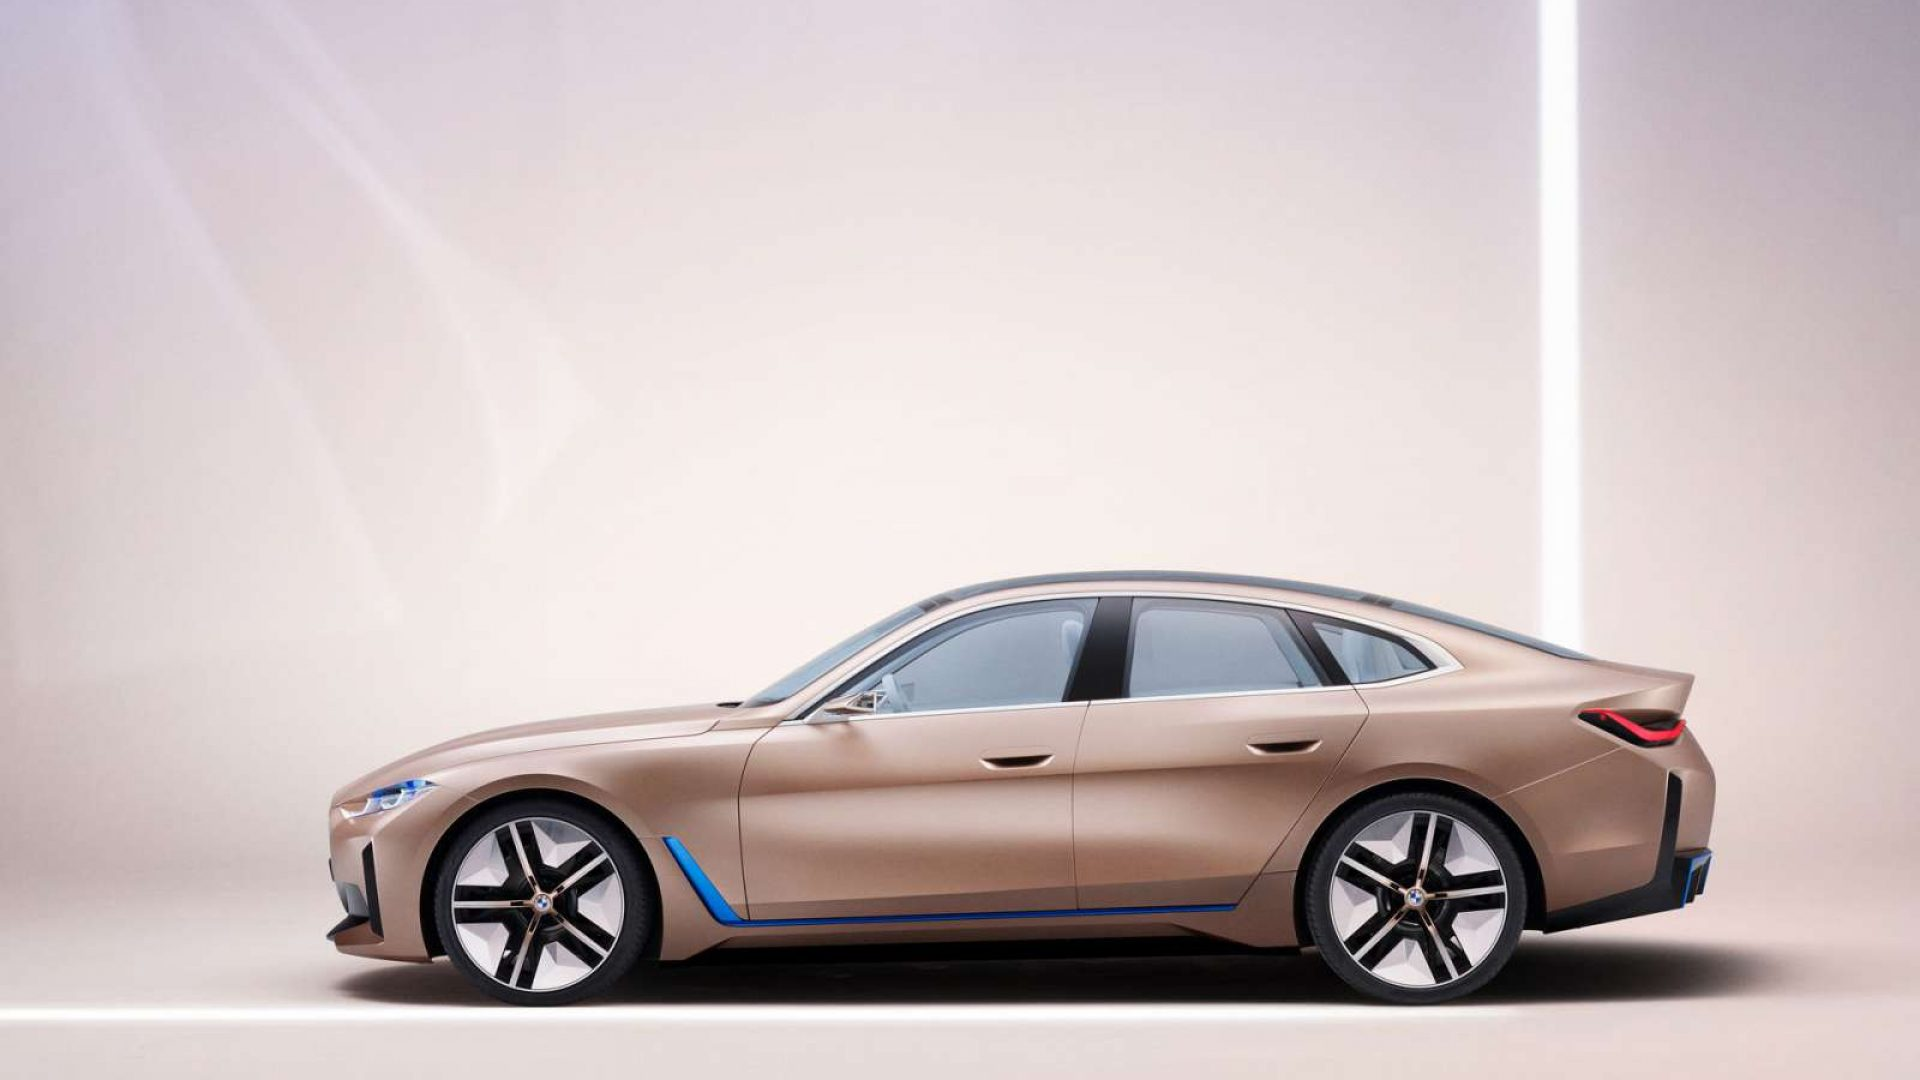 2020-BMW-Concept-i4-02